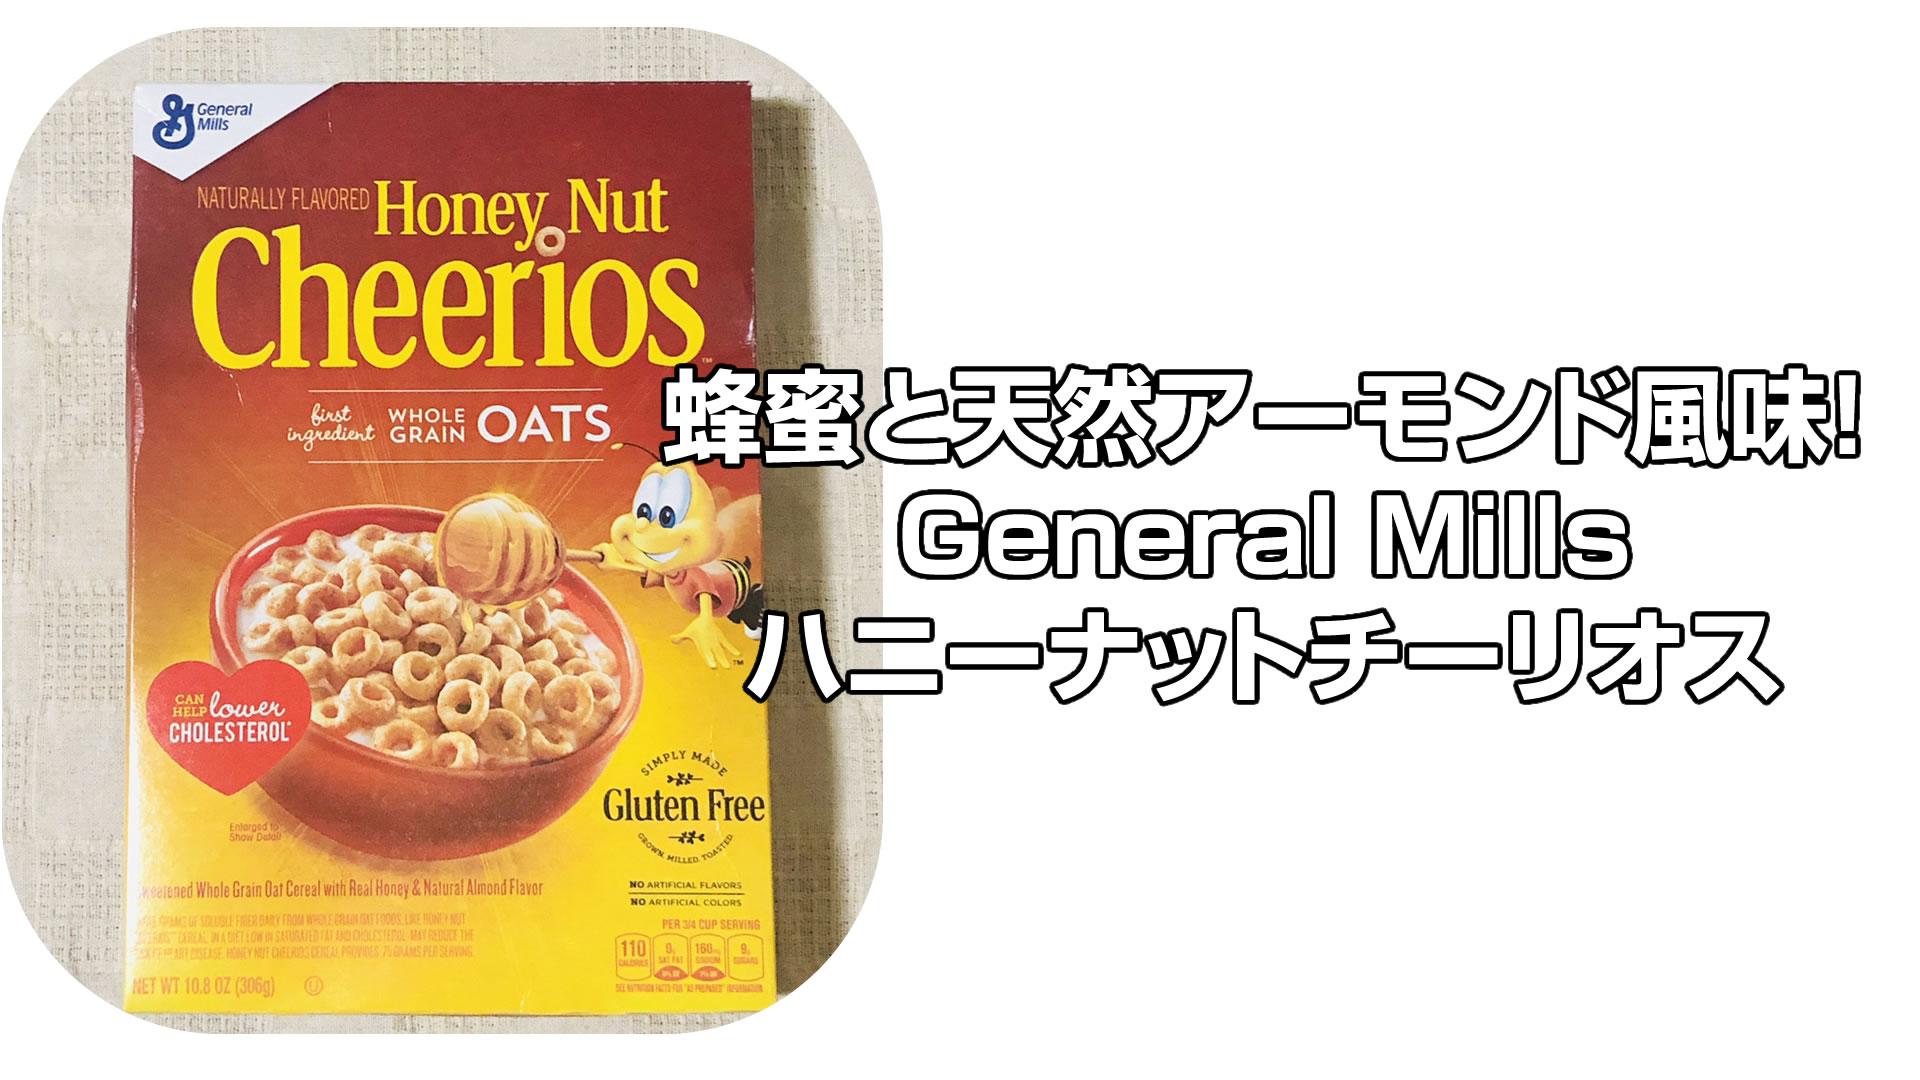 蜂蜜と天然アーモンド風味!General Millsハニーナットチーリオス[iHerb]